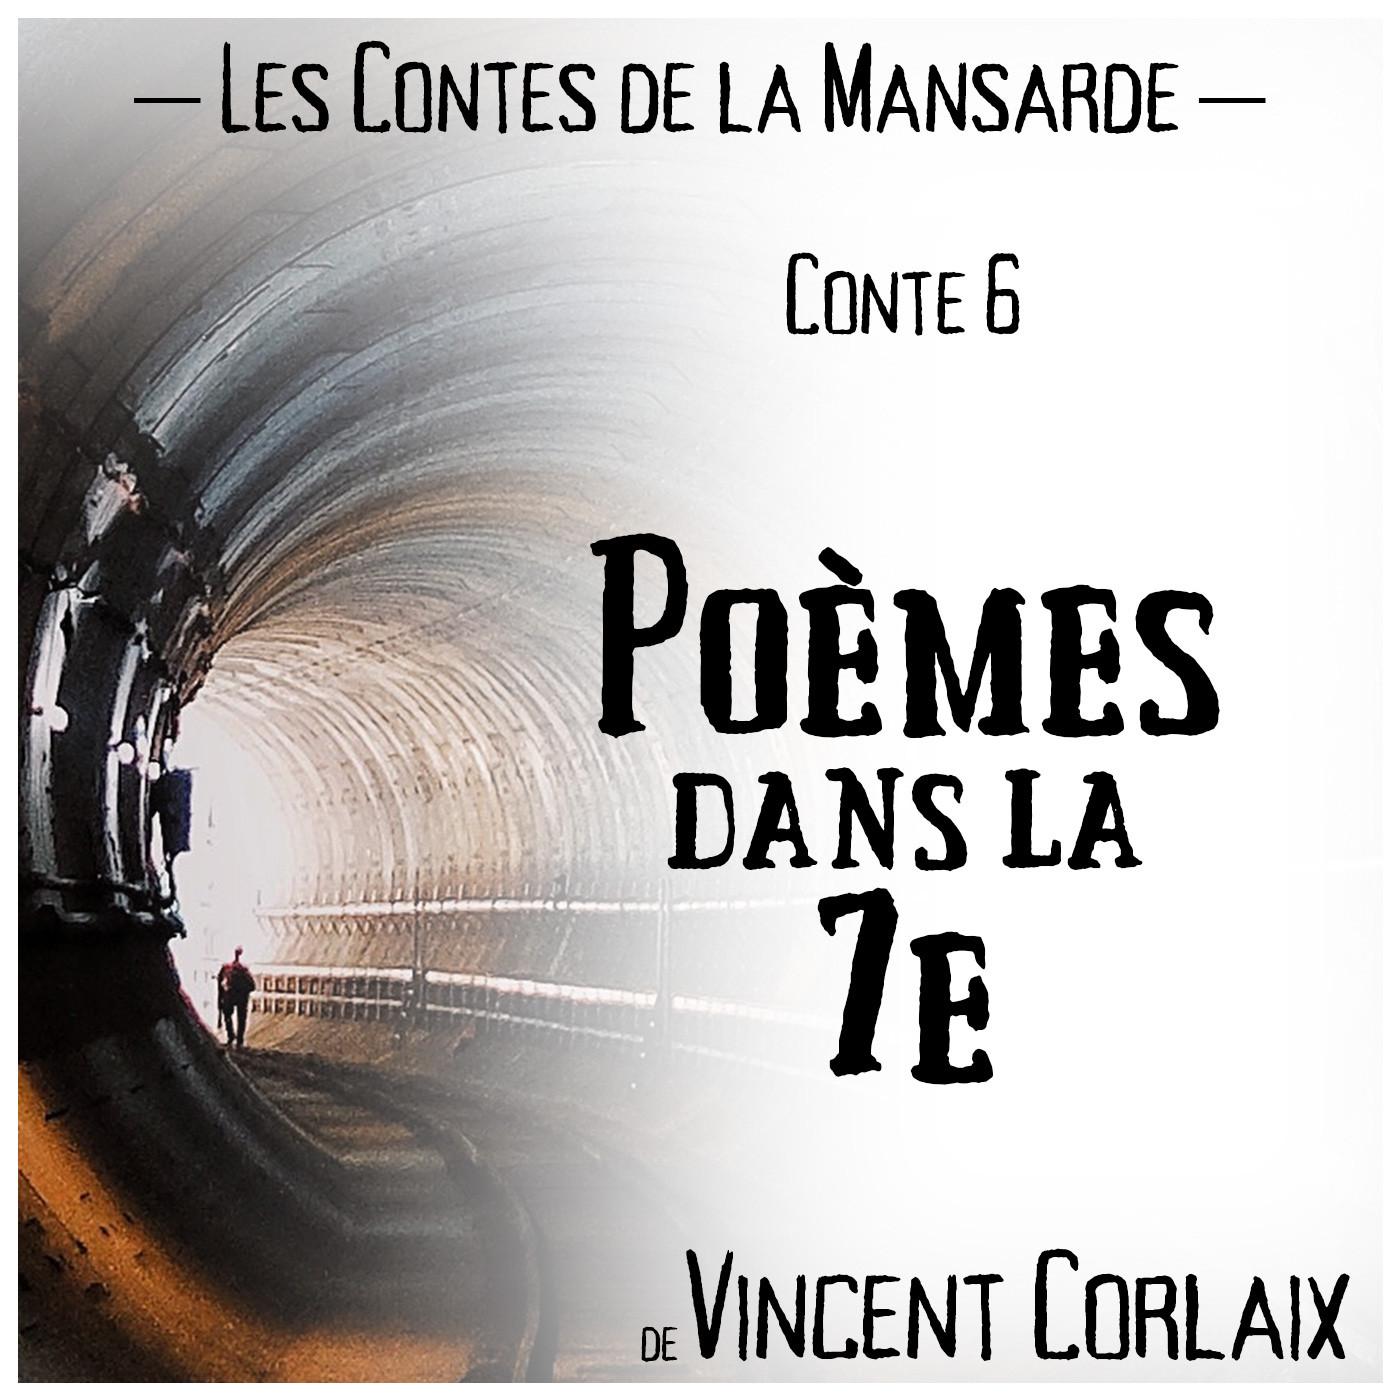 Conte 6 – Poèmes dans la 7e